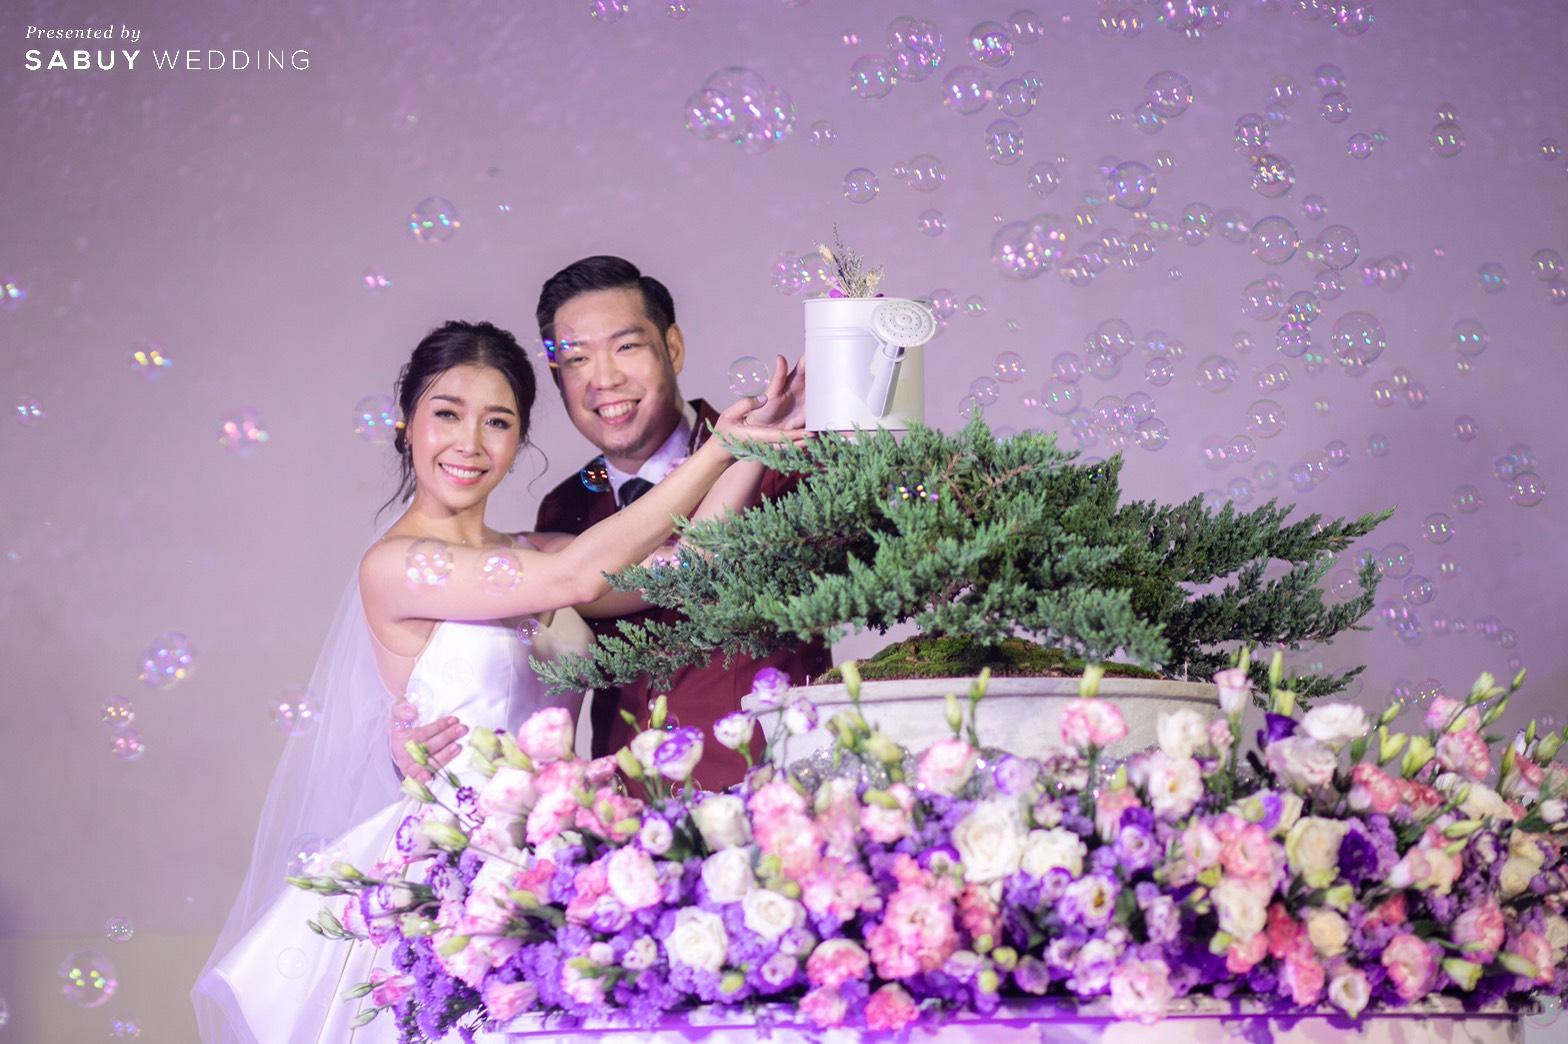 ชุดแต่งงาน,บับเบิ้ล,ต้นไม้ รีวิวงานแต่ง Minimal in Lavender เก๋ไม่ซ้ำใครสไตล์ Go Green @ SO/BANGKOK